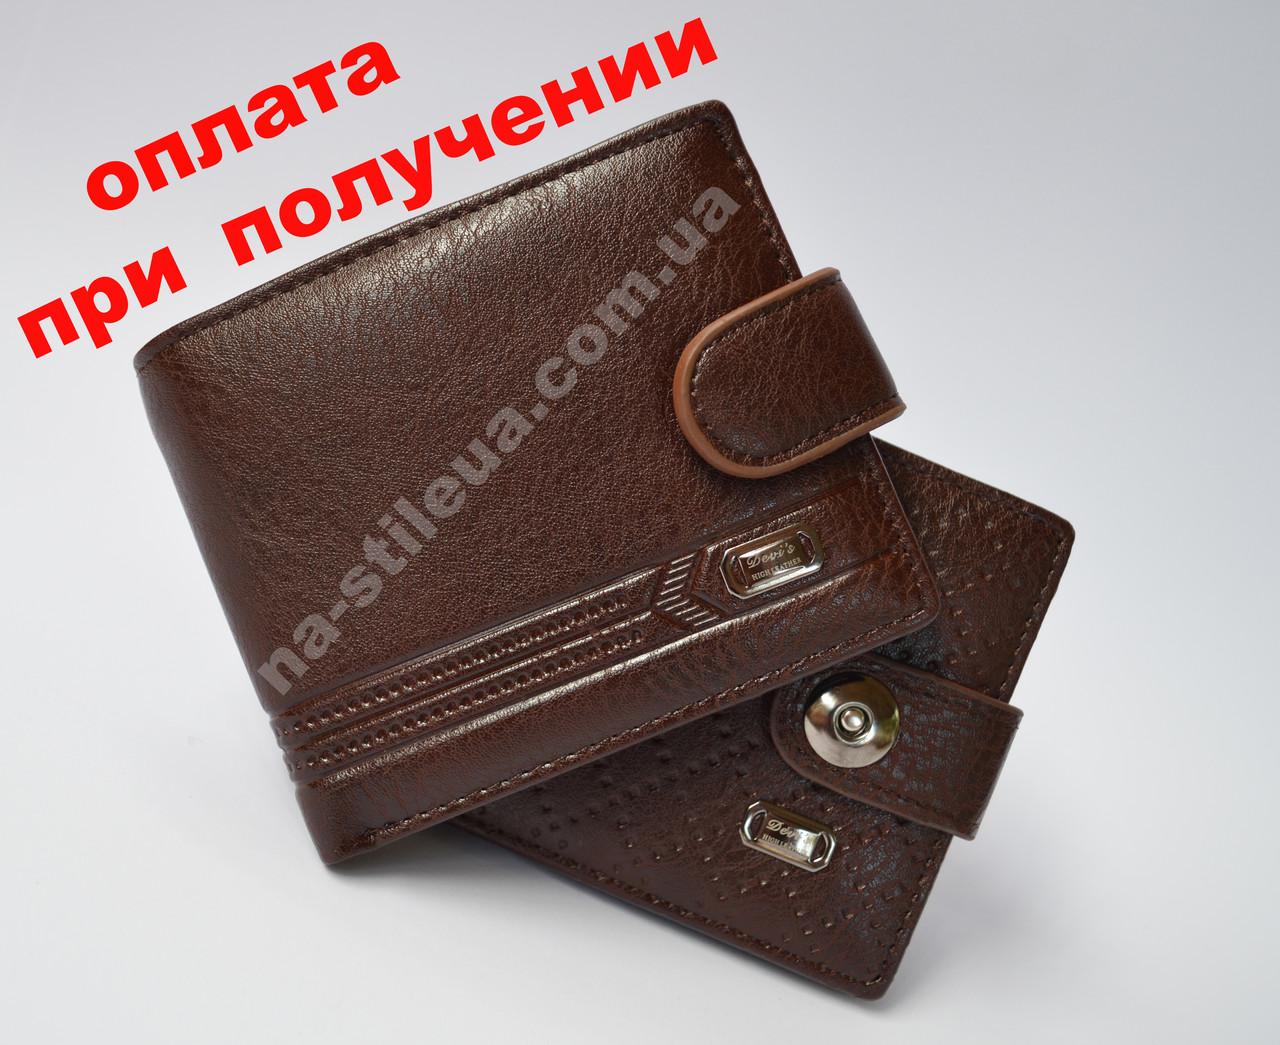 4ceae7663986 Мужской кожаный стильный кошелек клатч портмоне DEVIS новый шкіряной